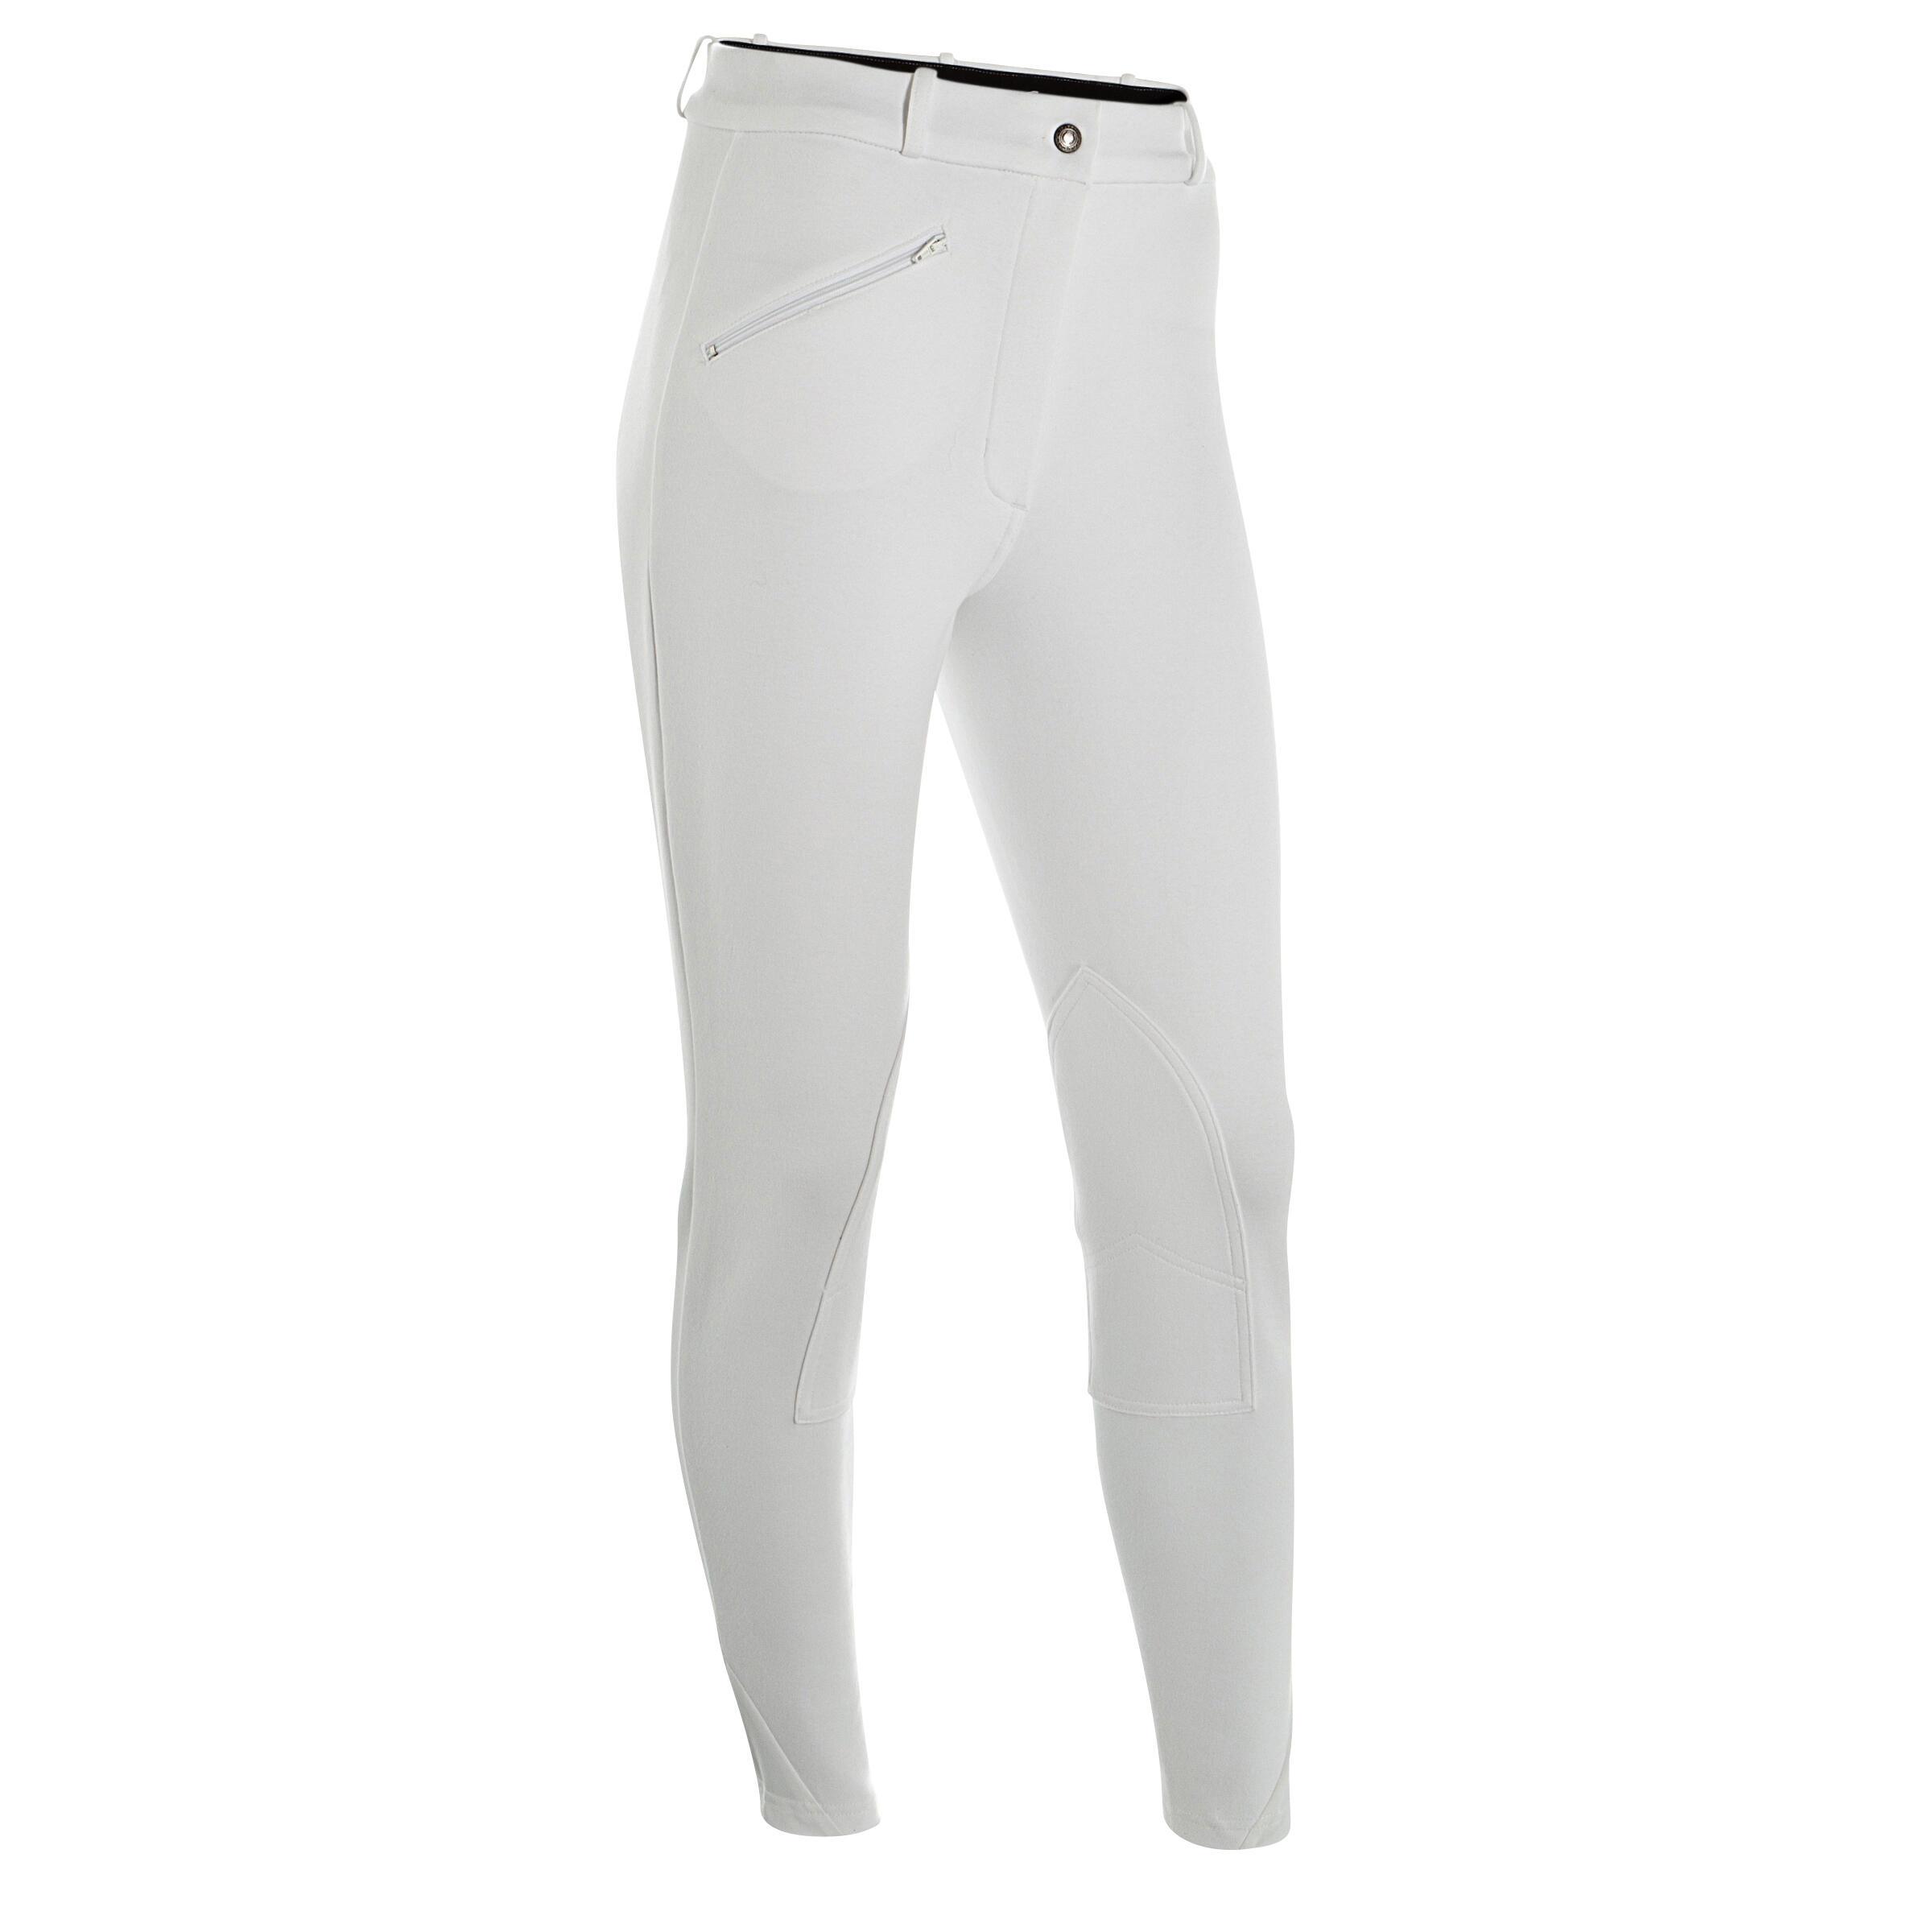 Équitation Pantalon Blanc 300 Femme Konfort Concours Sdn8xdwT